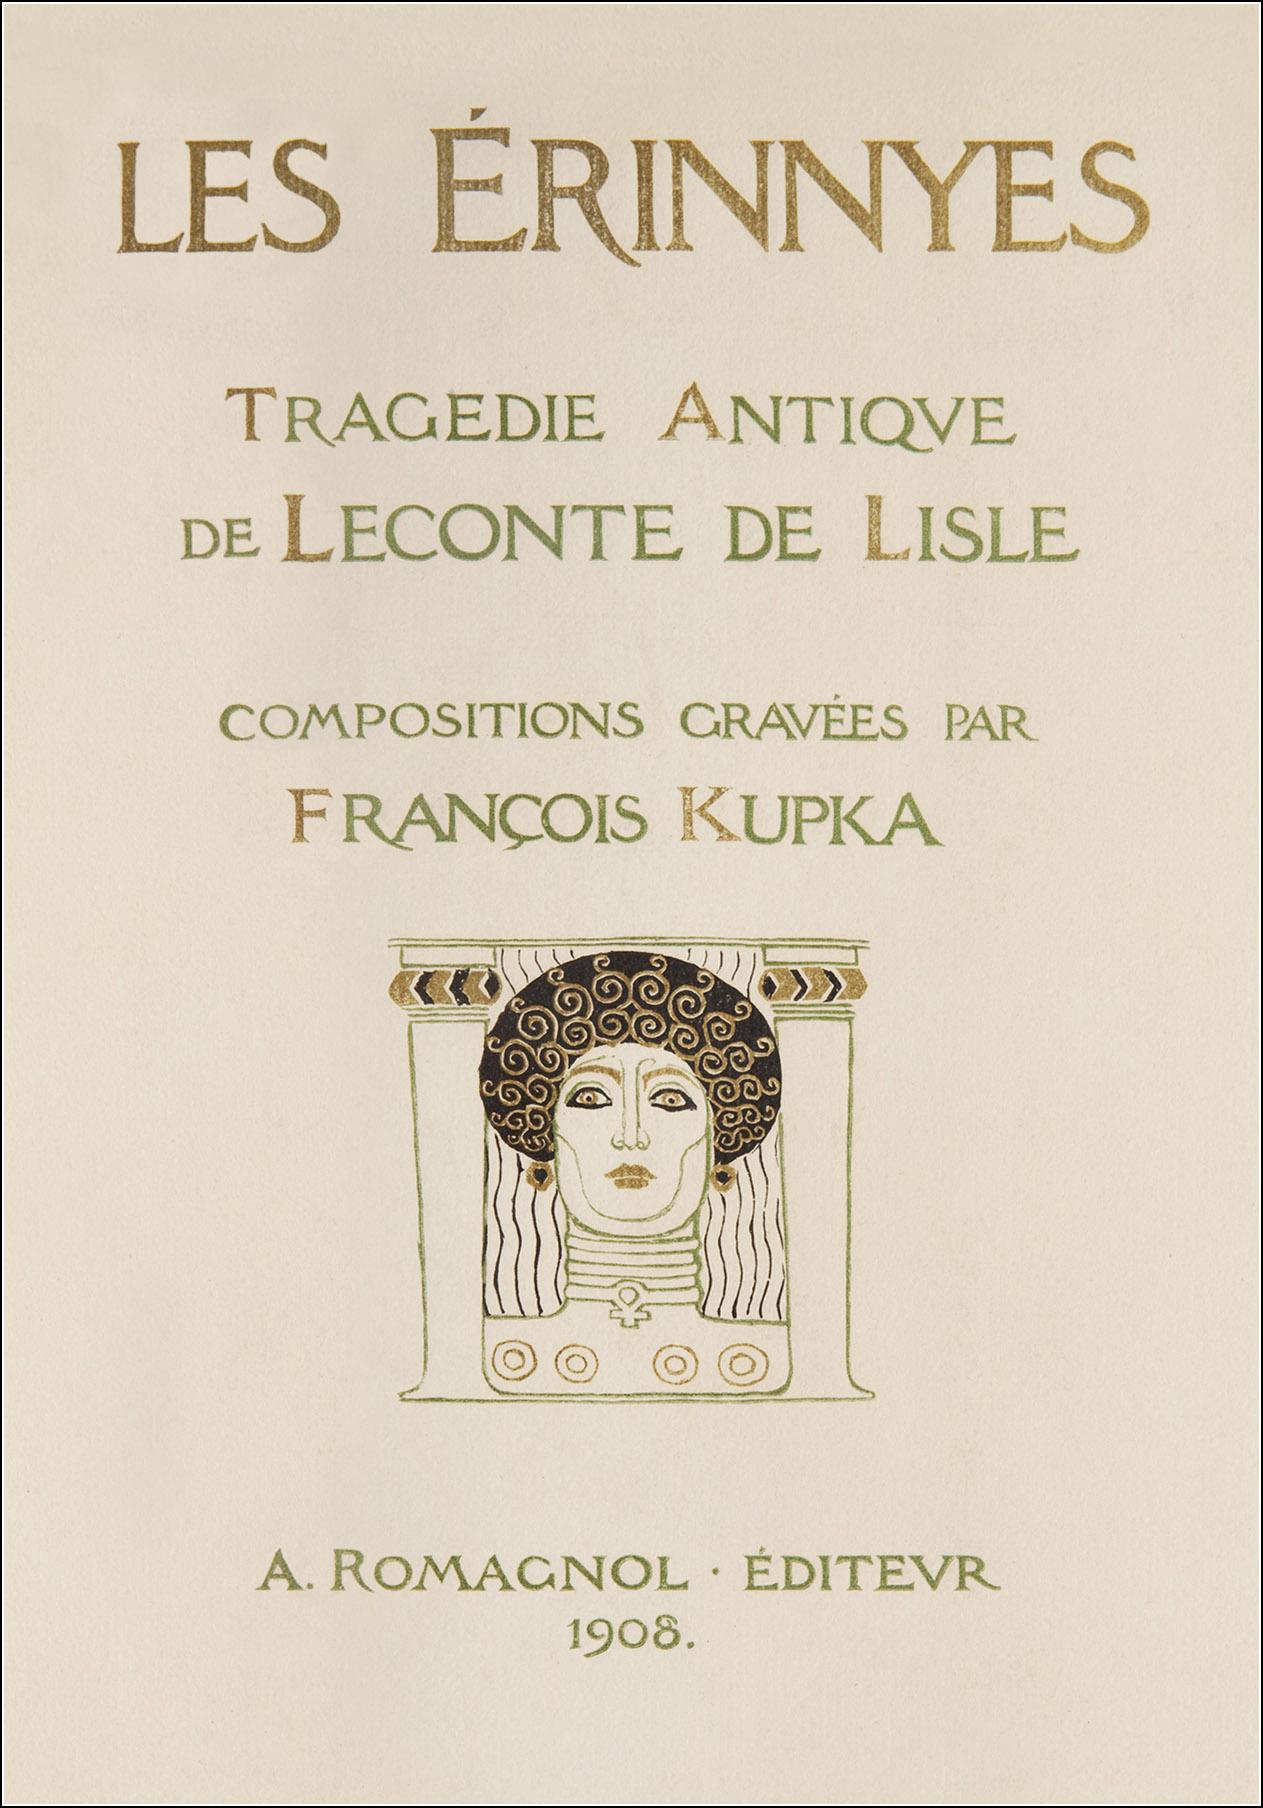 """Résultat de recherche d'images pour """"Les Érinnyes de Leconte de Lisle kupka"""""""